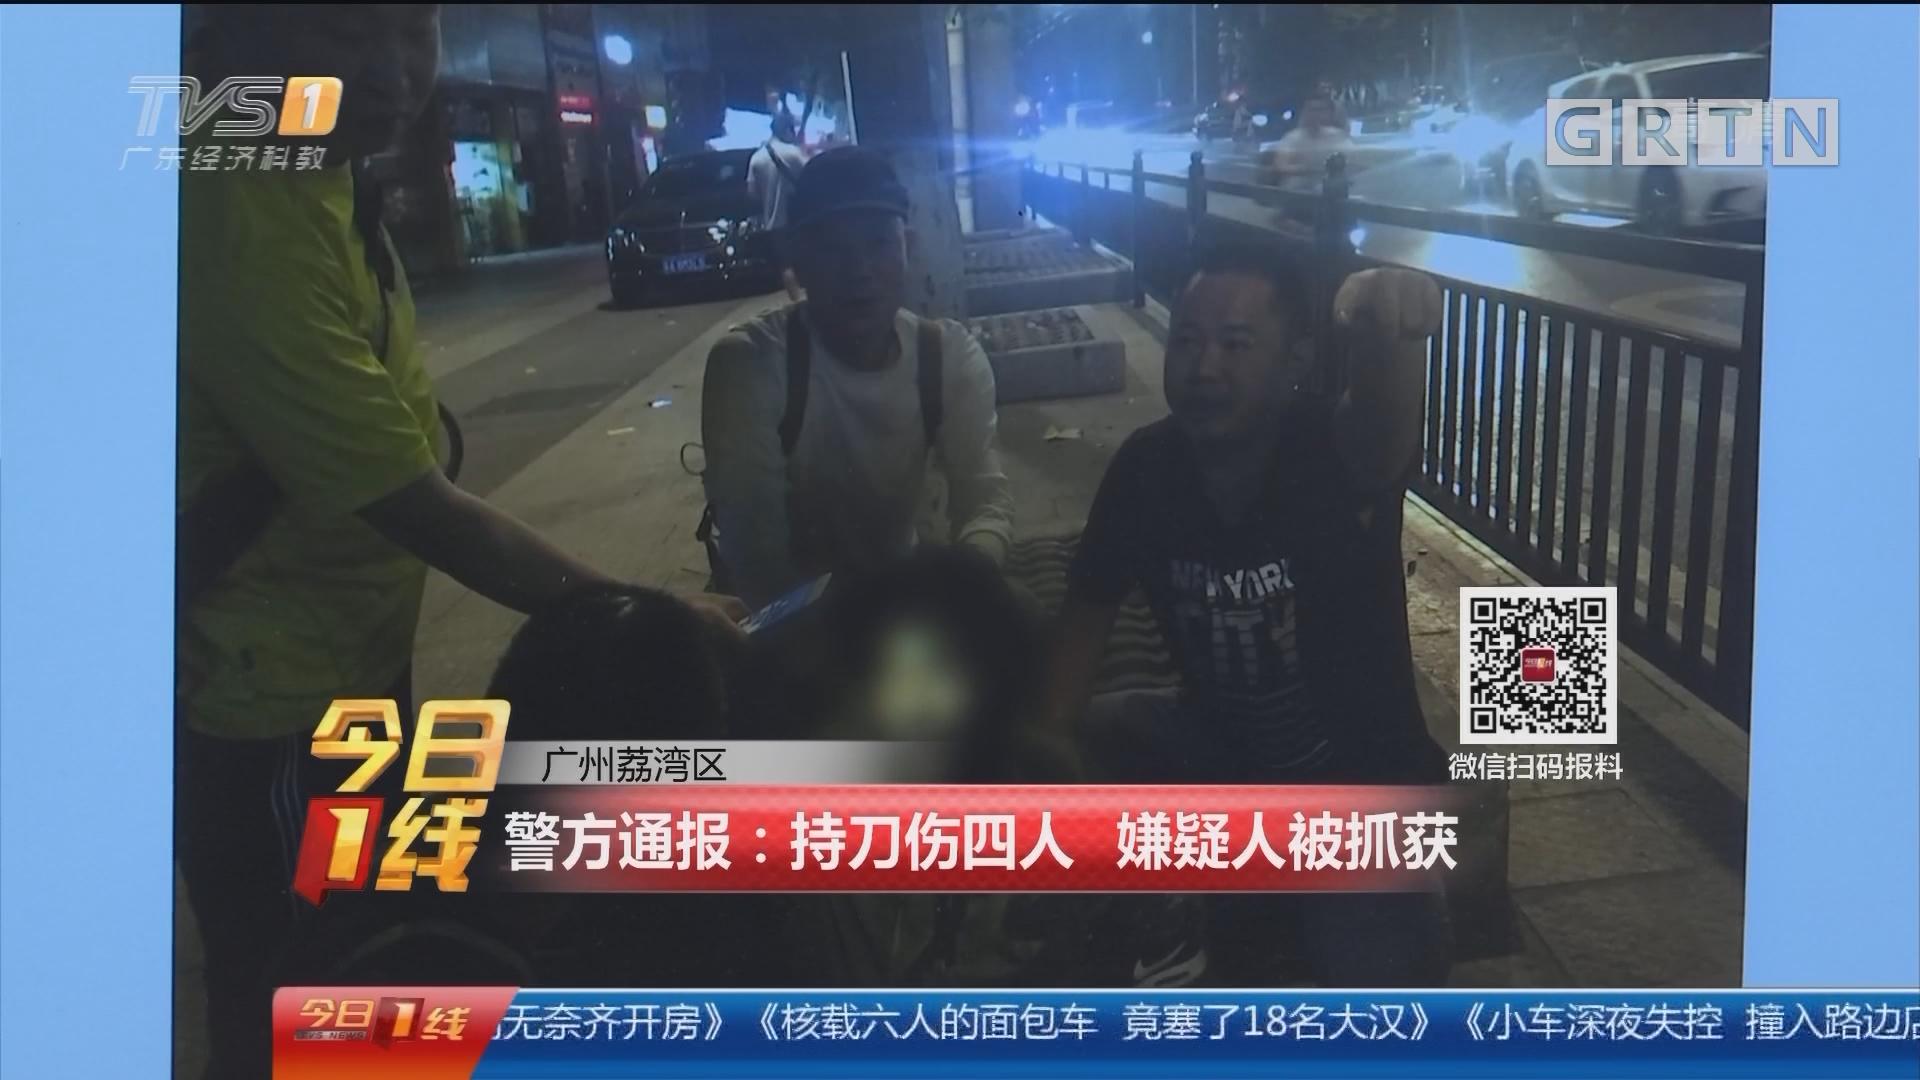 广州荔湾区 警方通报:持刀伤四人 嫌疑人被抓获